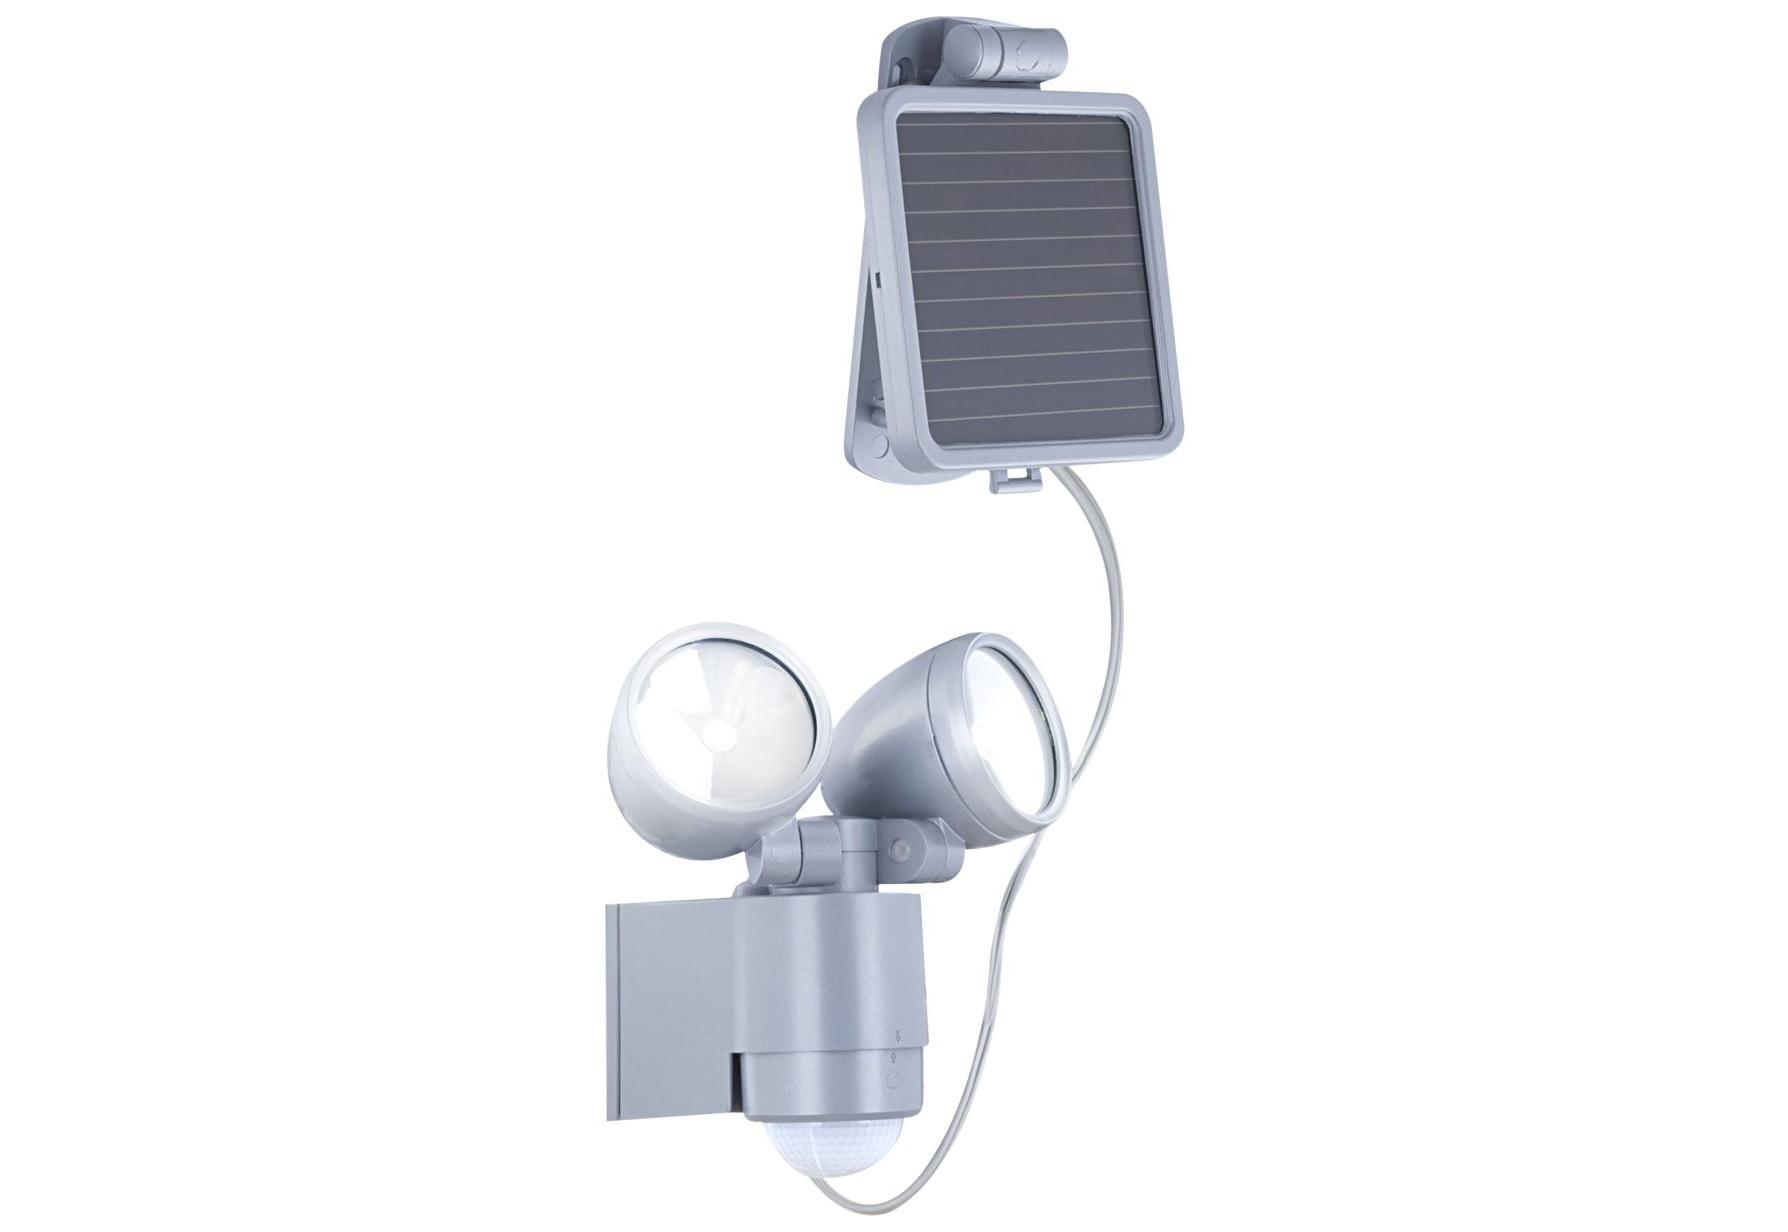 Светильник настенныйУличные настенные светильники<br>&amp;lt;div&amp;gt;&amp;lt;div&amp;gt;Вид цоколя: LED&amp;lt;/div&amp;gt;&amp;lt;div&amp;gt;Мощность лампы: 1W&amp;lt;/div&amp;gt;&amp;lt;div&amp;gt;Количество ламп: 2&amp;lt;/div&amp;gt;&amp;lt;/div&amp;gt;<br><br>Material: Пластик<br>Width см: 15,5<br>Depth см: 15,7<br>Height см: 18